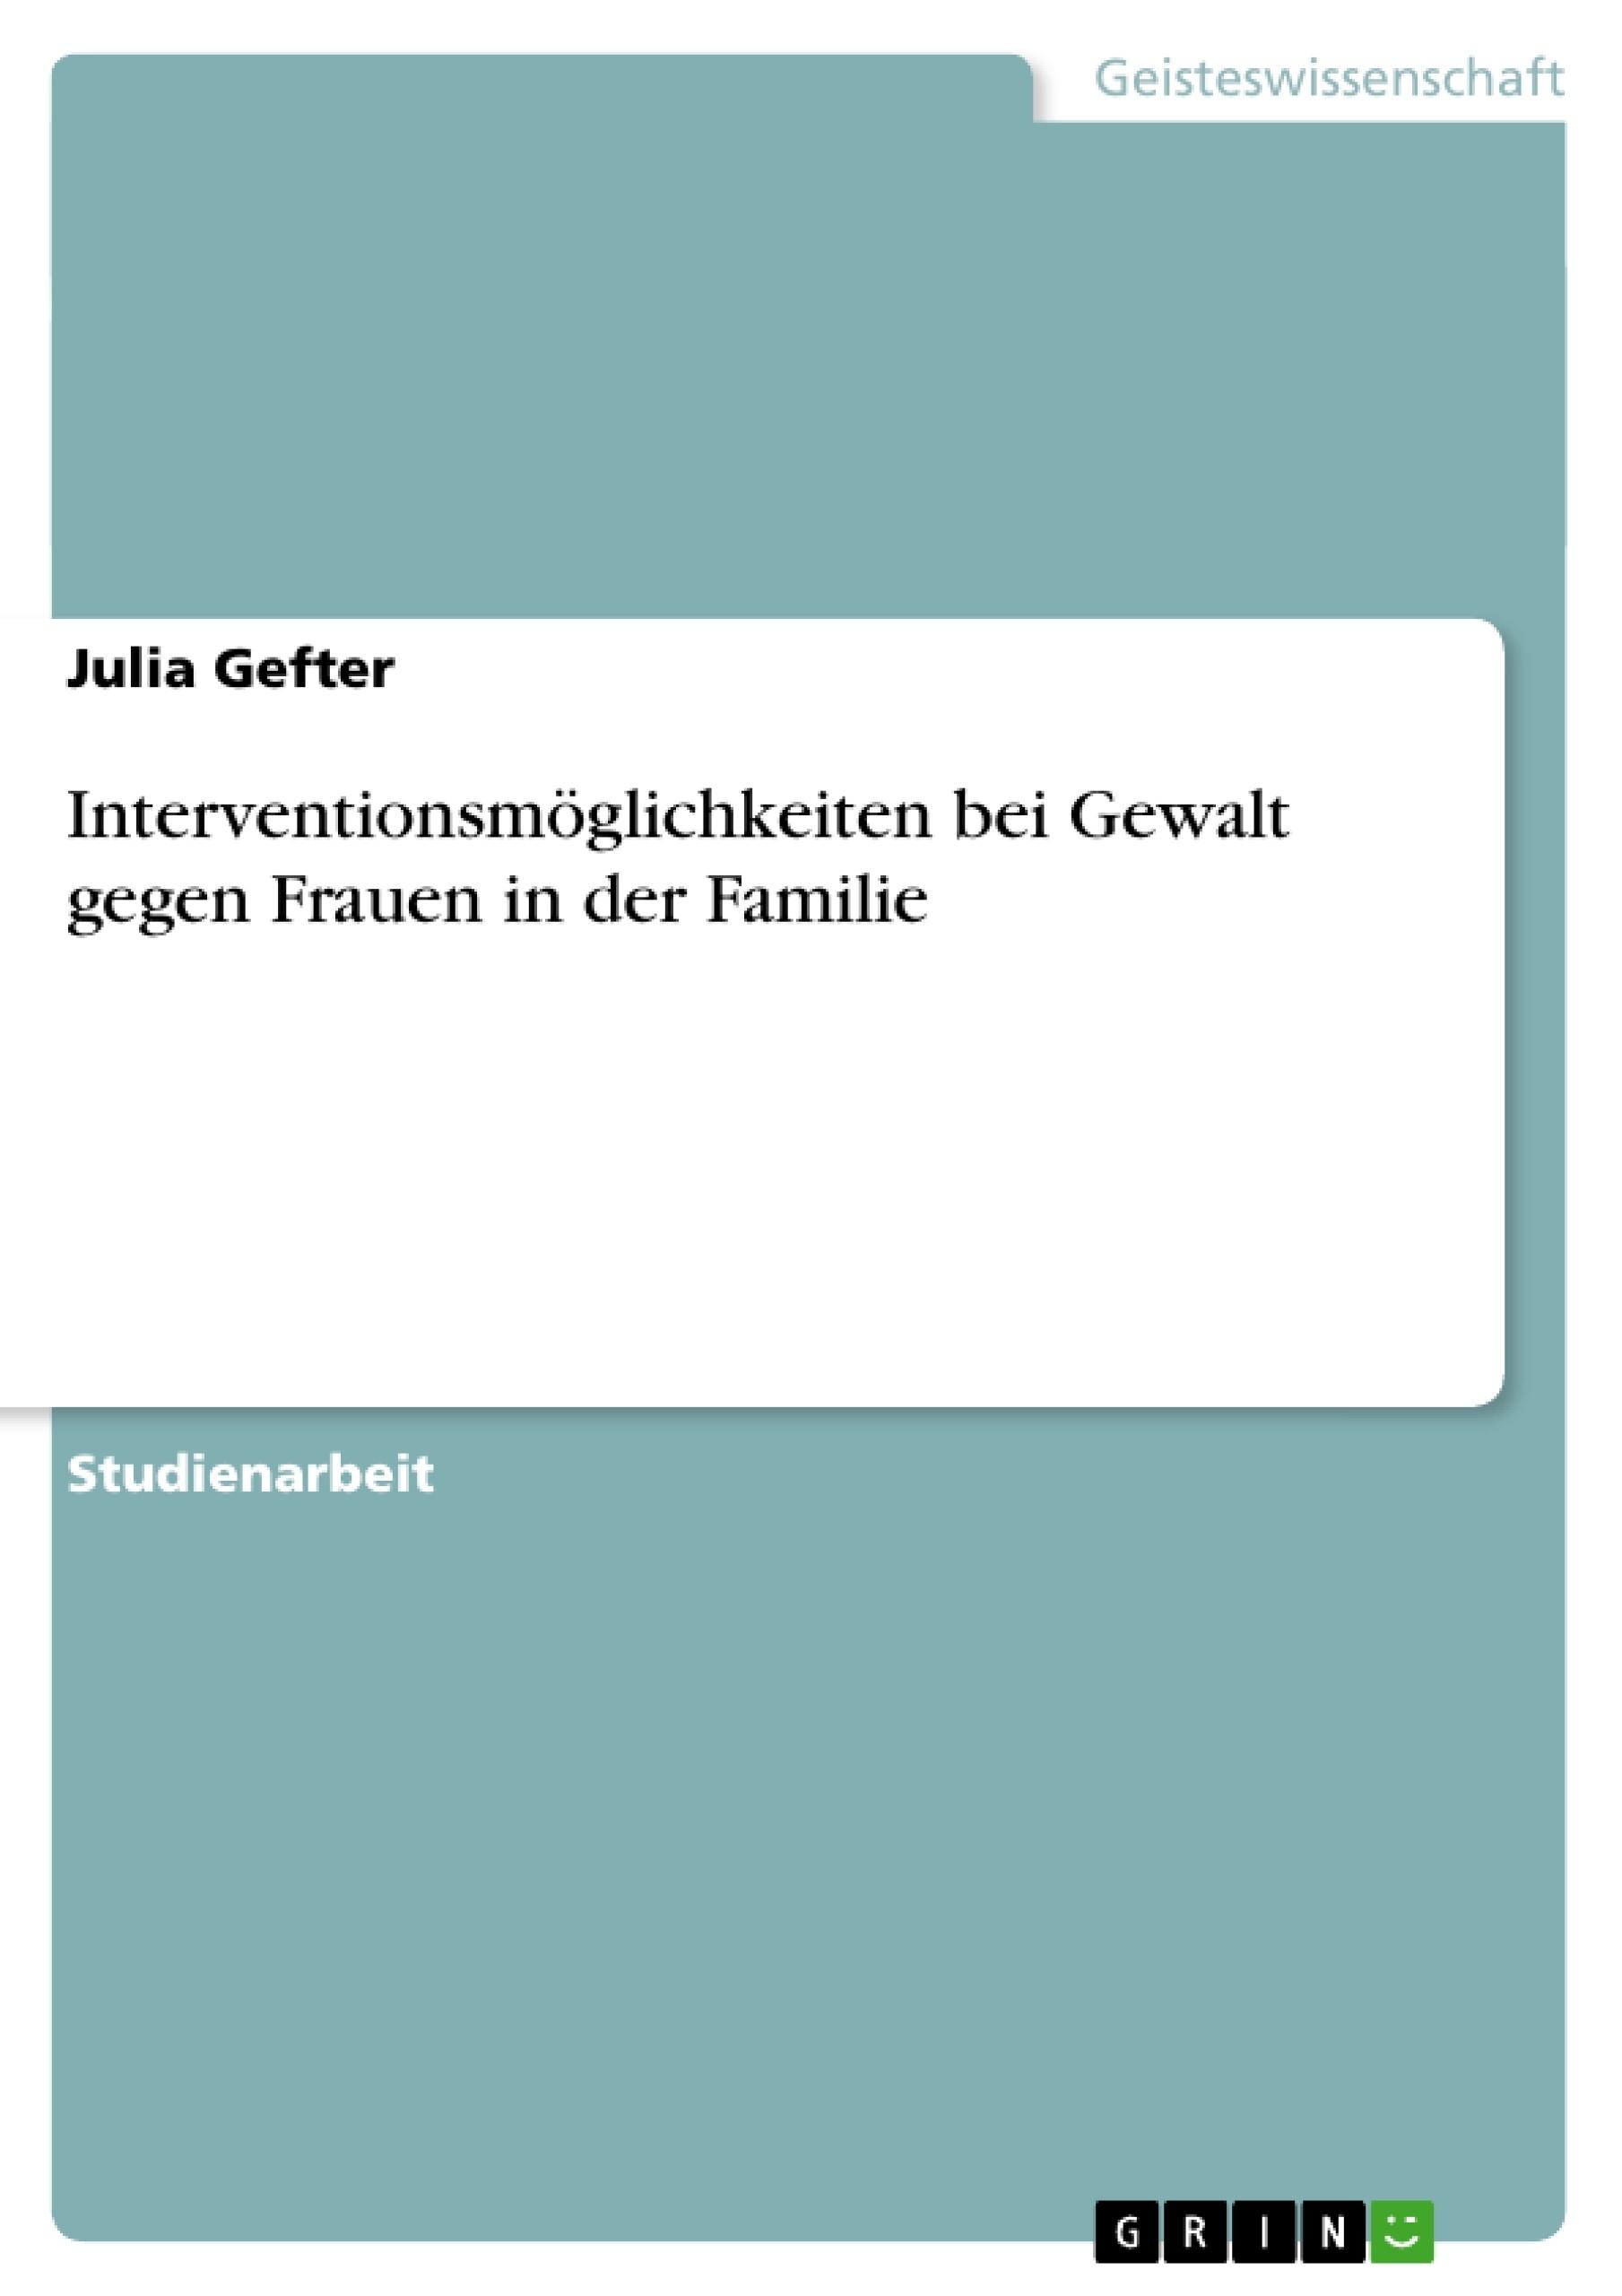 Titel: Interventionsmöglichkeiten bei Gewalt gegen Frauen in der Familie